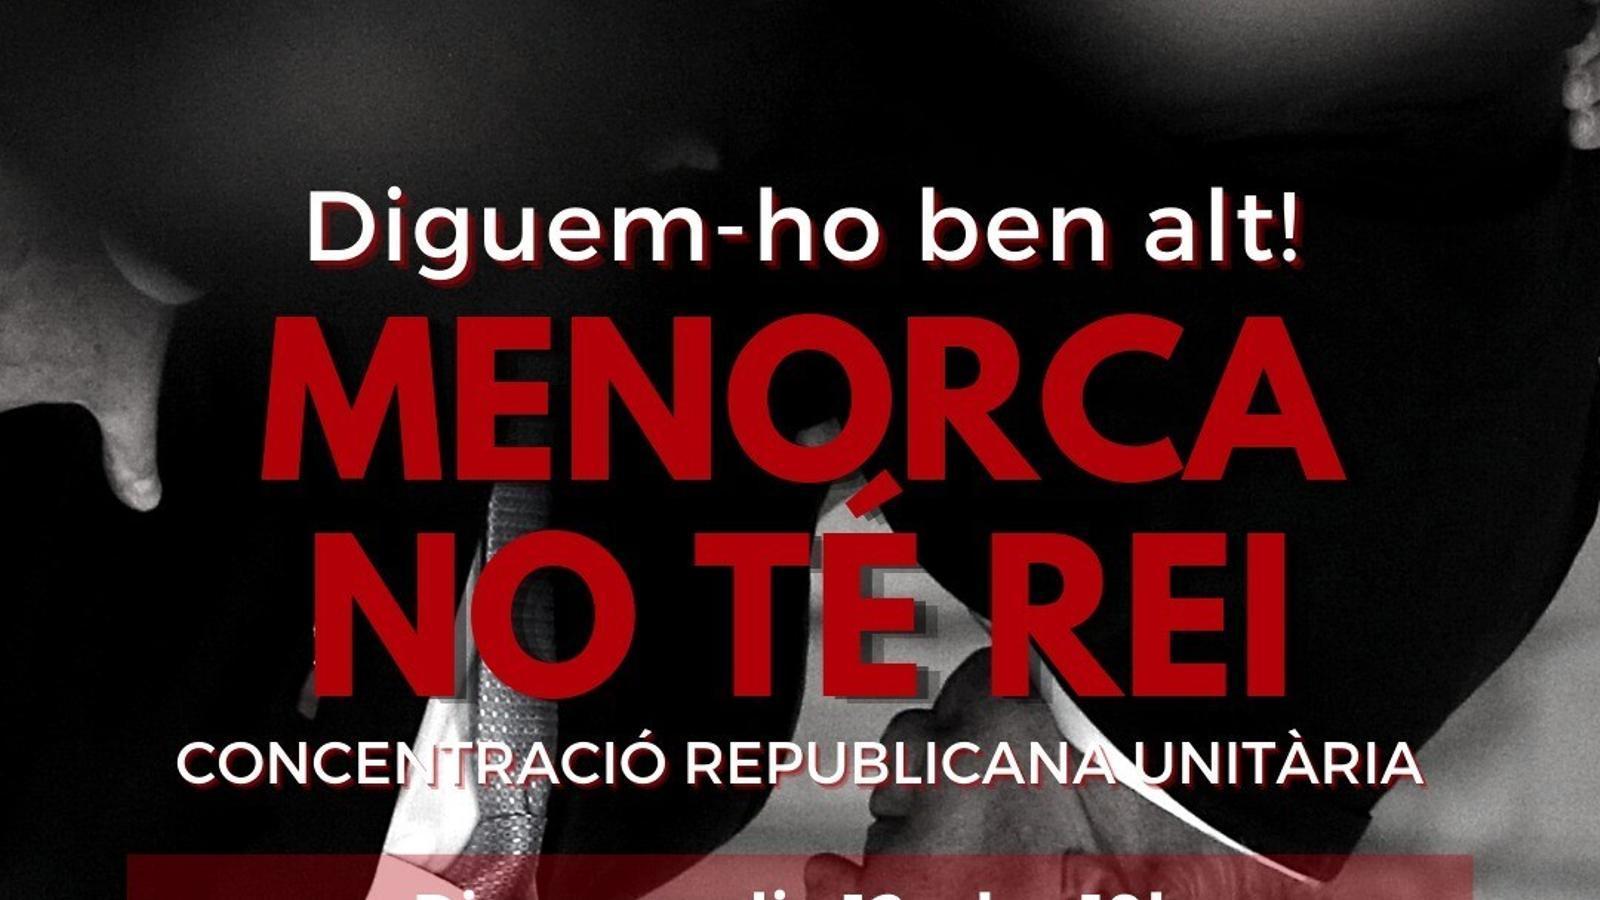 La doble concentració de demà obrirà els actes de protesta a Menorca contra la corona.